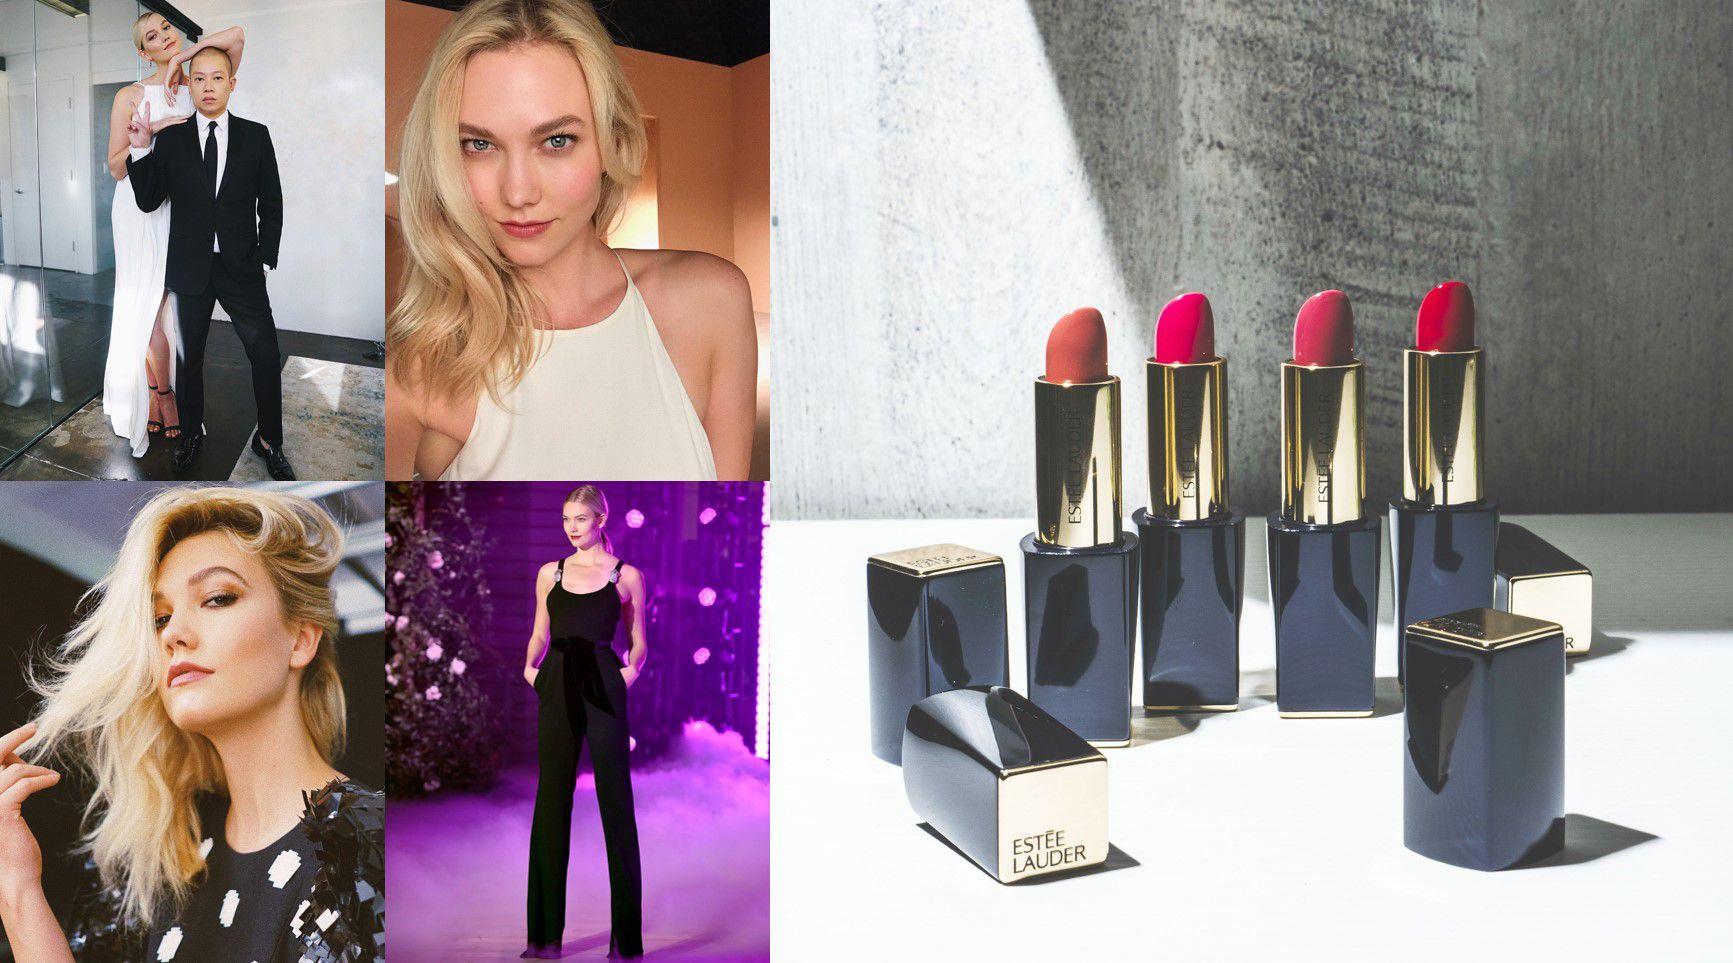 時尚超模天使Karlie Kloss自信耀眼的秘密武器,不失手支支強打色的「絕對慾望奢華潤唇膏」